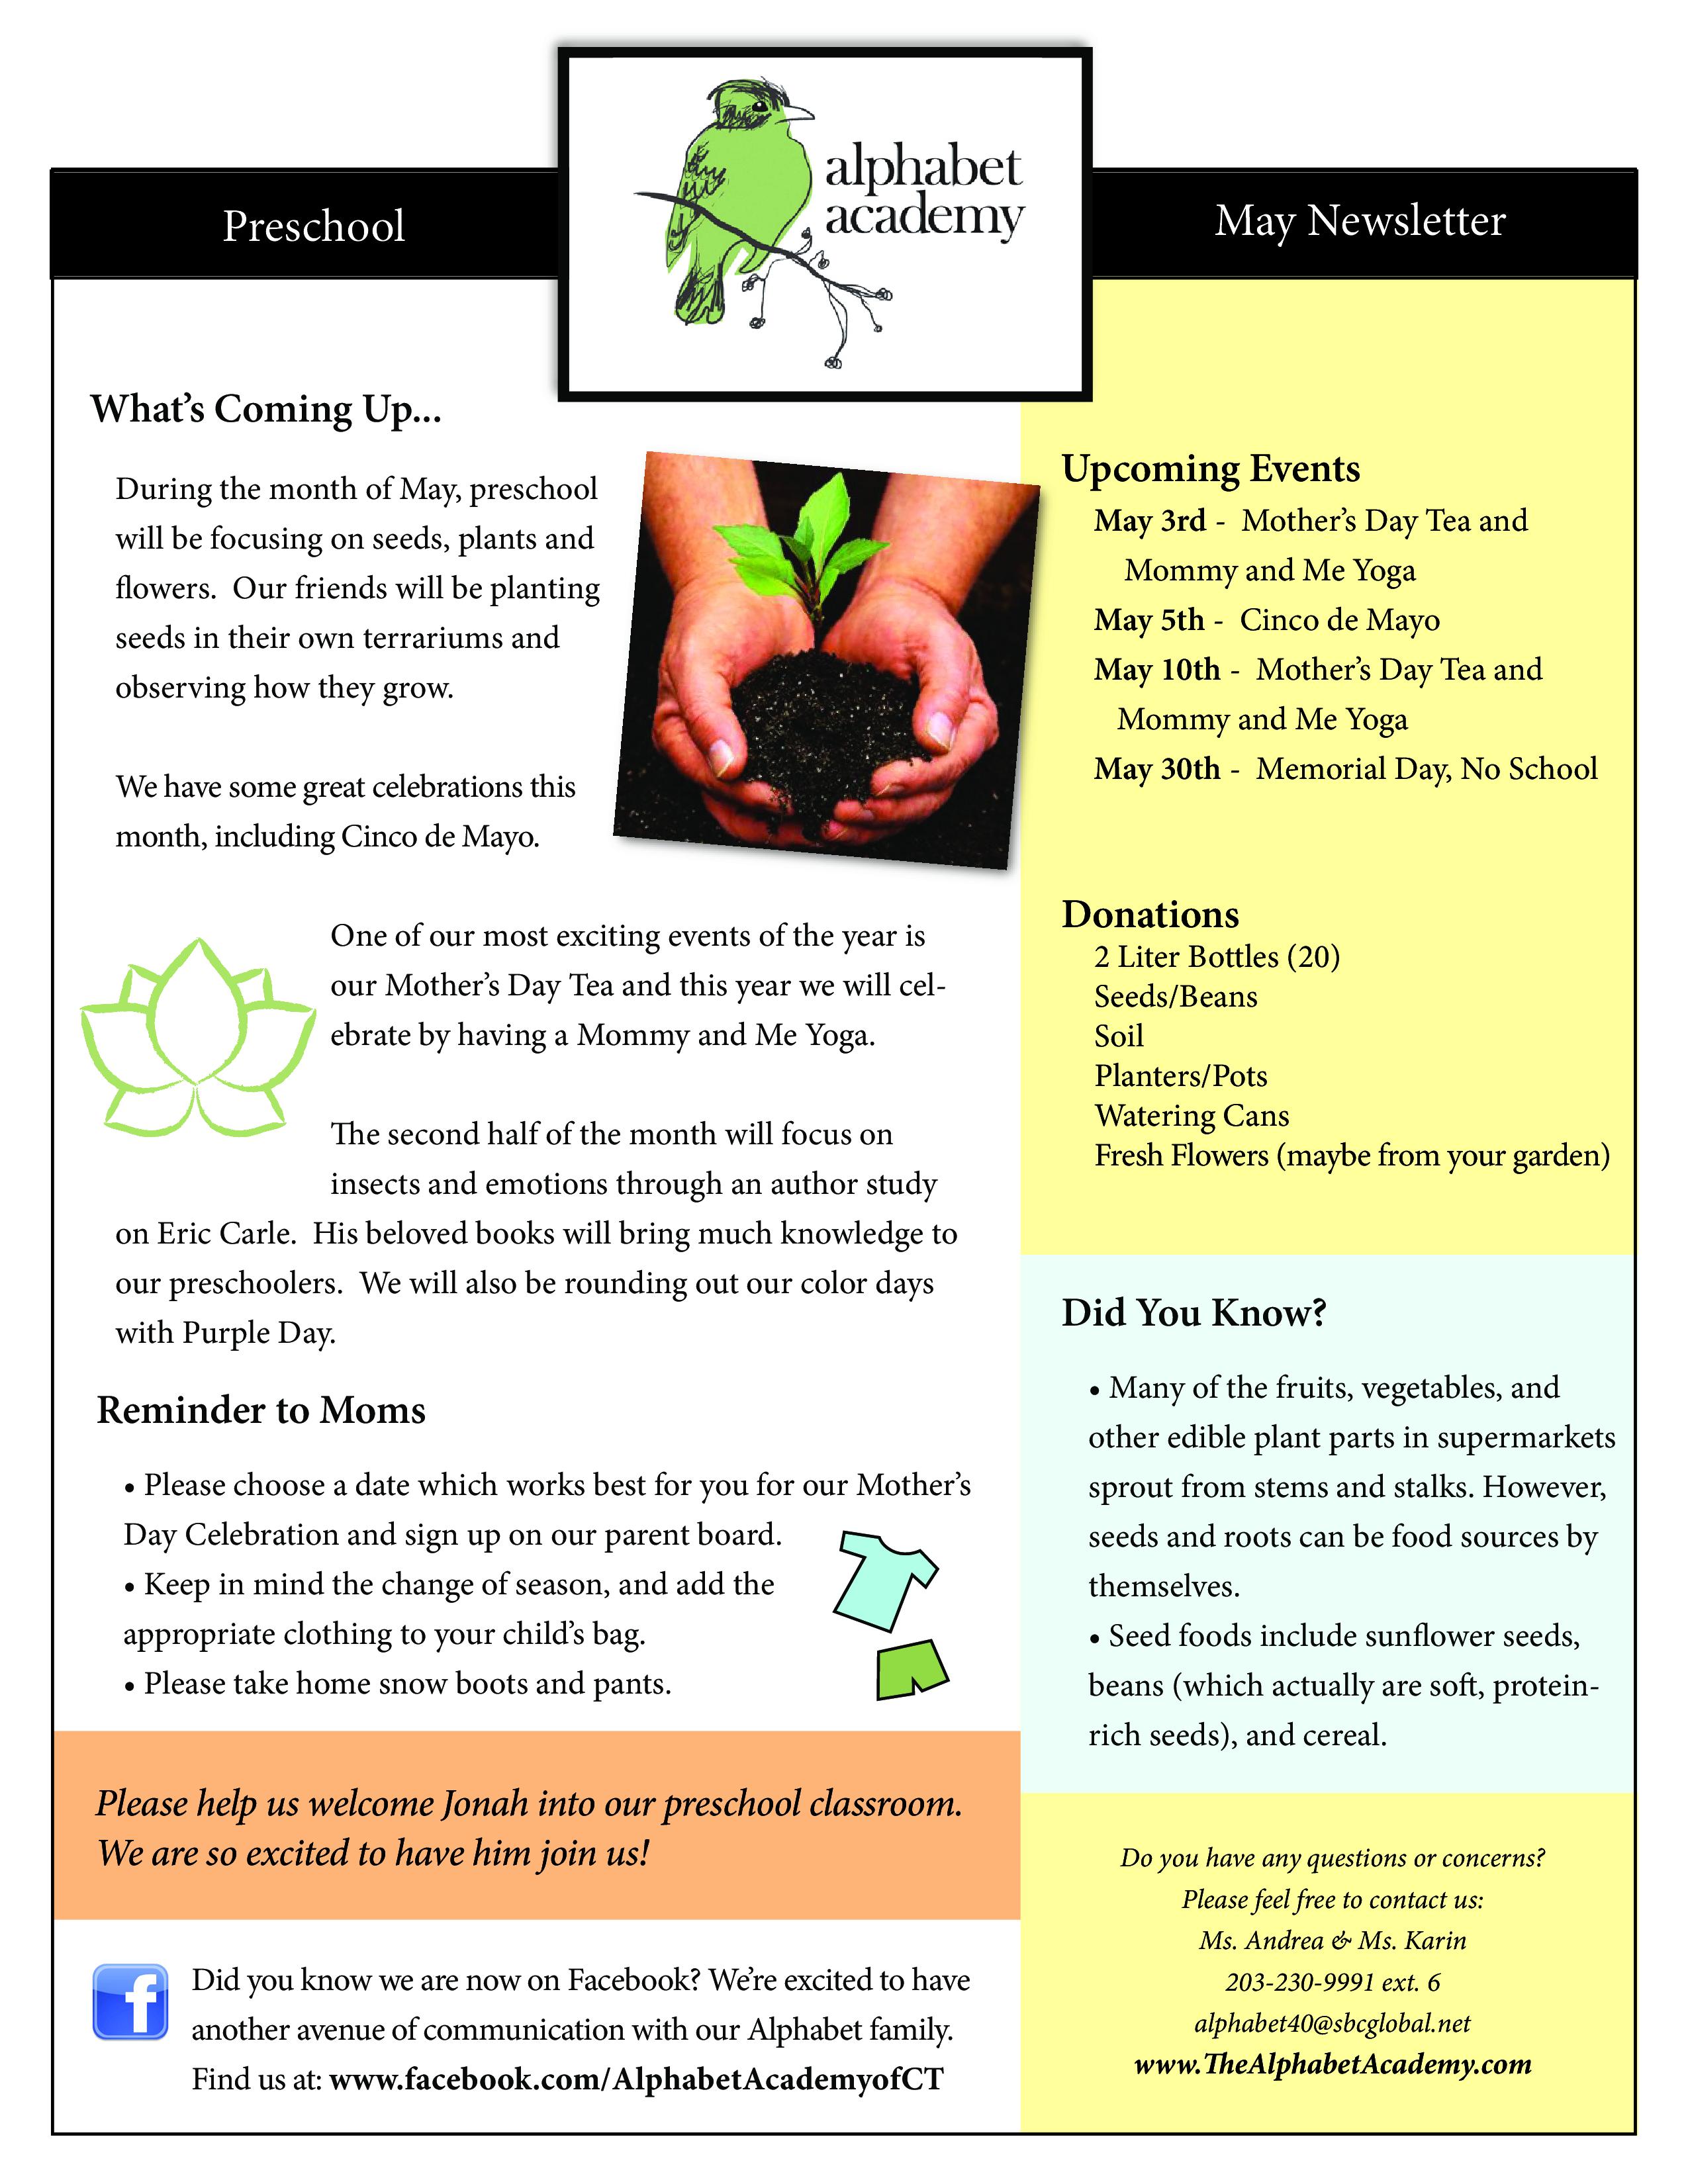 preschool newsletter samples main image